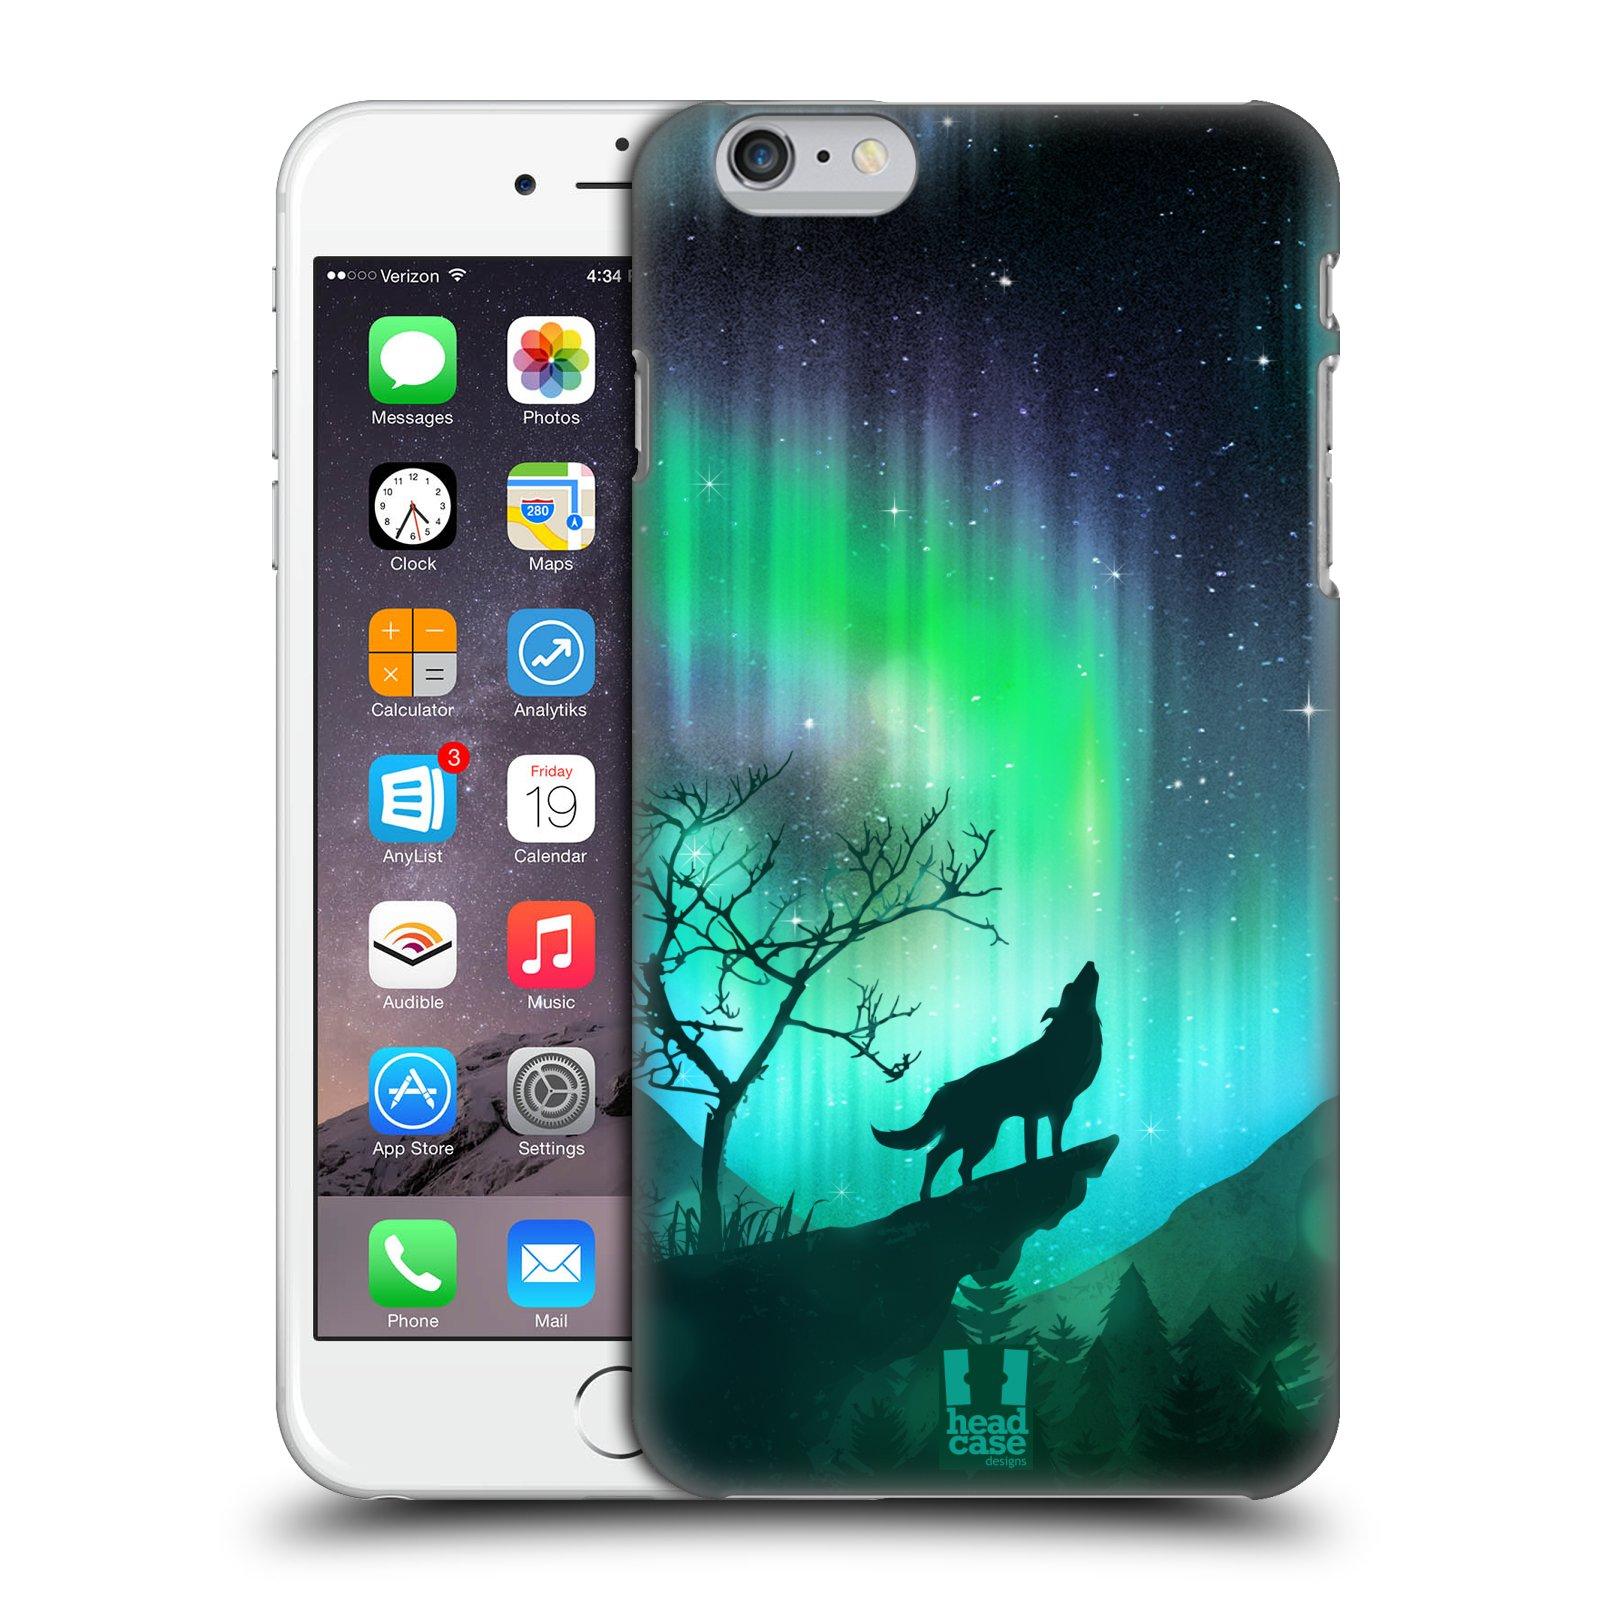 Plastové pouzdro pro mobil Apple Iphone 6 PLUS / 6S PLUS vzor Severní polární záře VYJÍCÍ VLK ZELENÁ